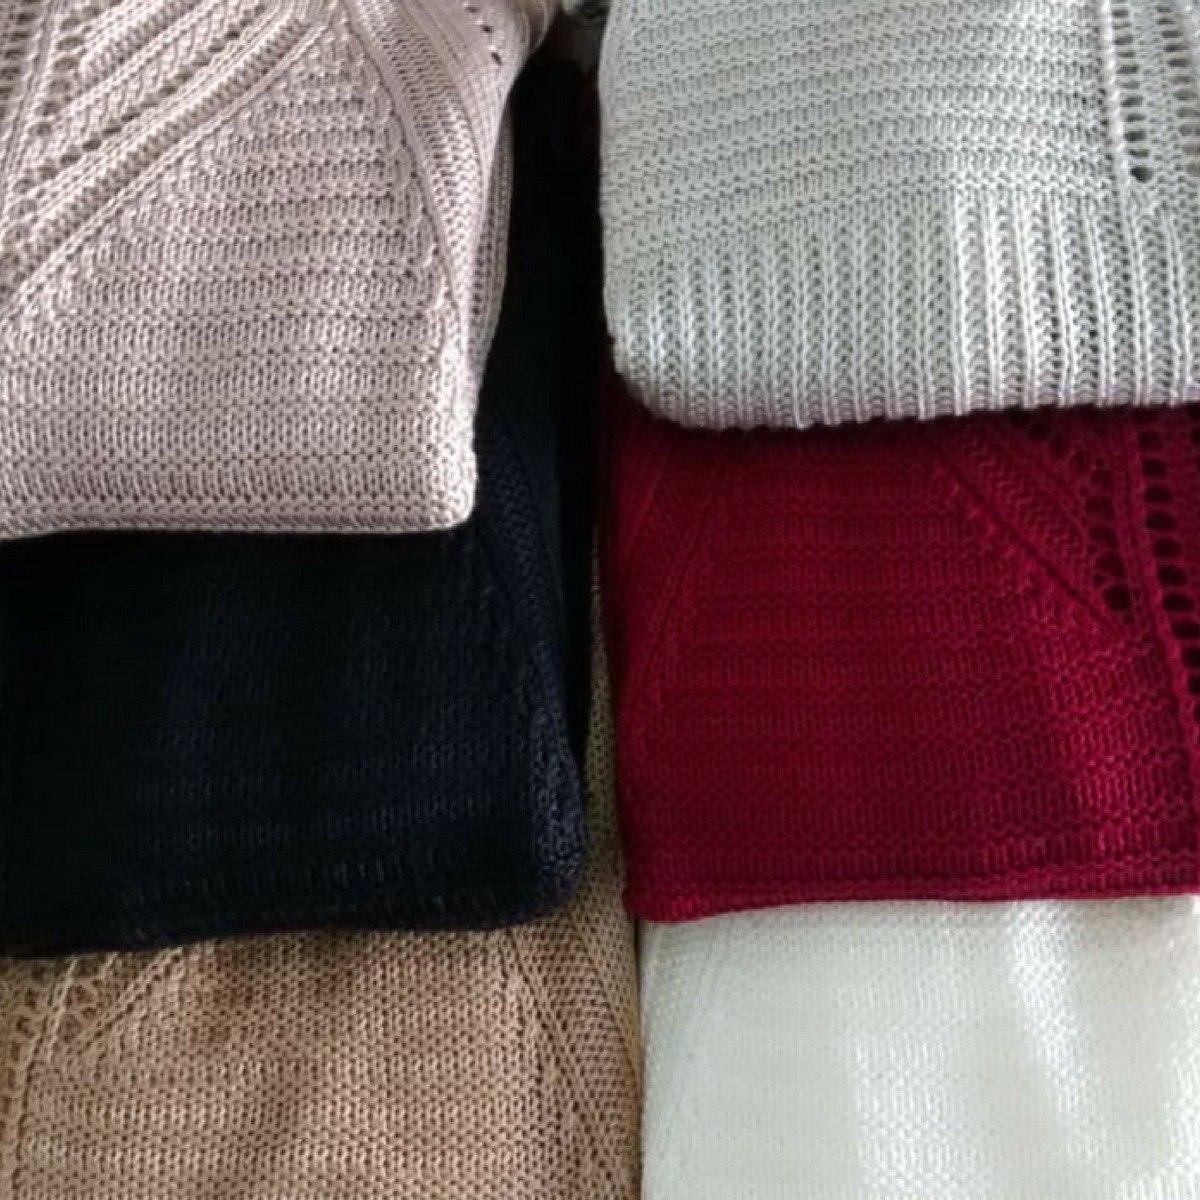 ffe4c440a6 sobretudo de malha feminino blusa manga longa trico promoção. Carregando  zoom.